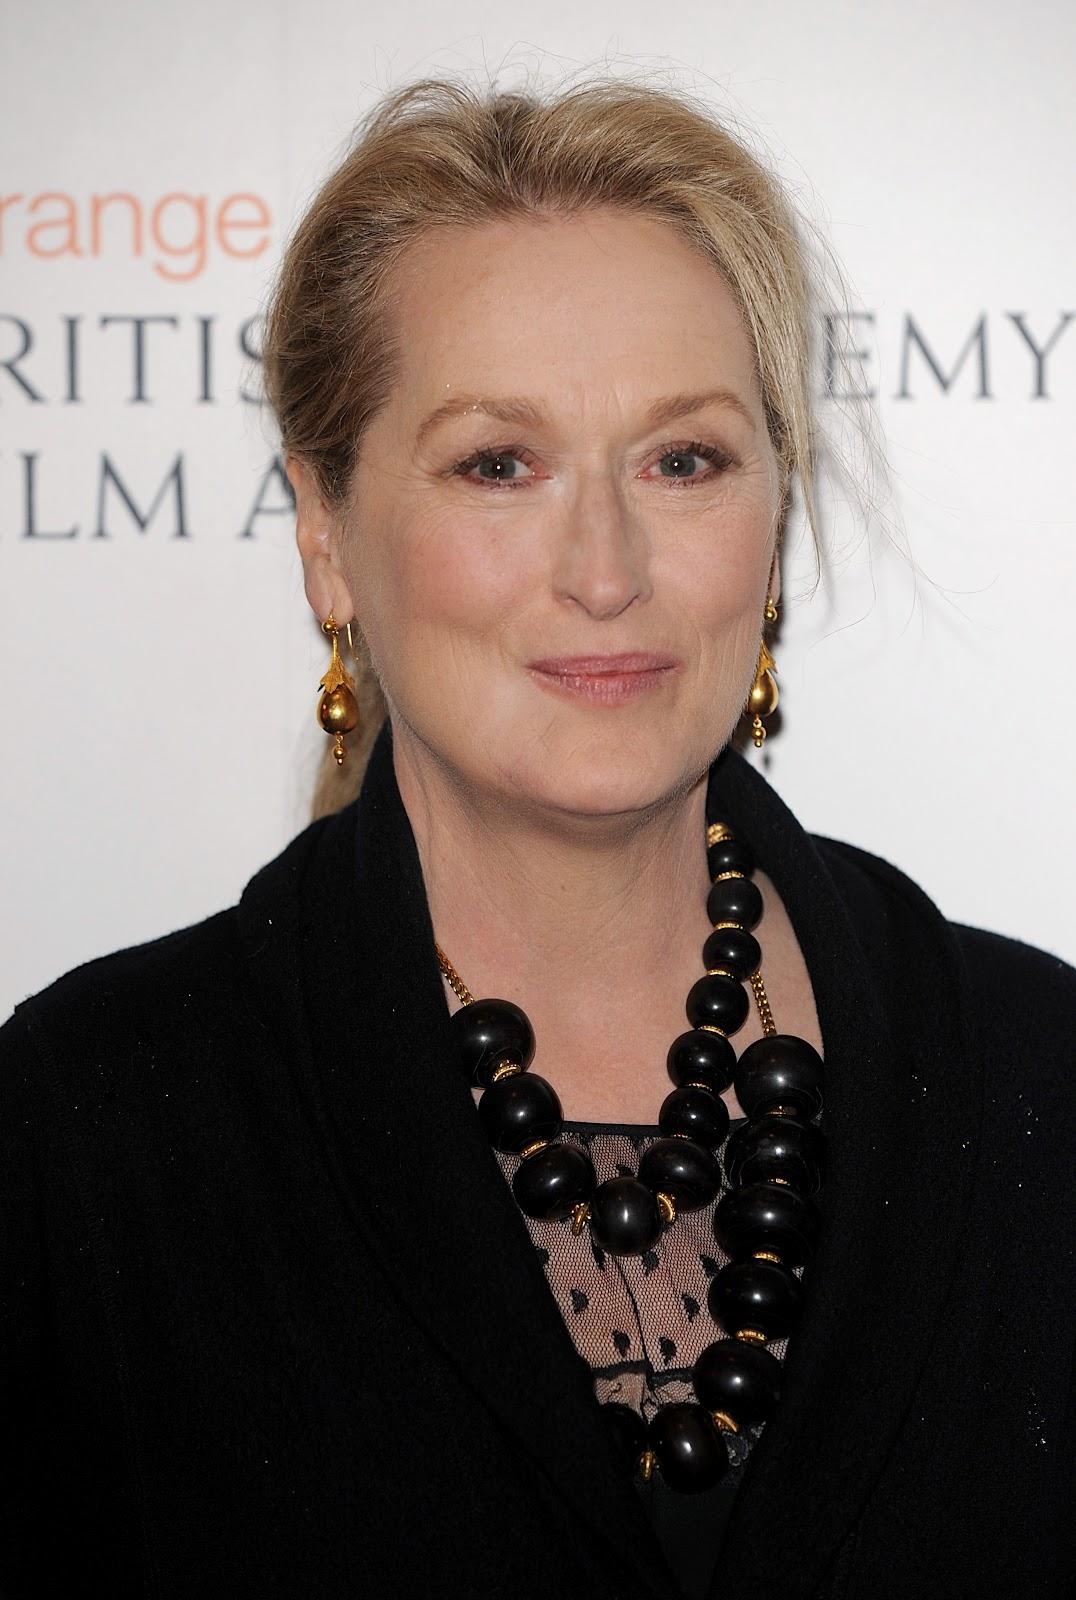 http://4.bp.blogspot.com/-FAw4e8dmiYo/T1GSo-YhIII/AAAAAAAAOAk/tFNCuH-bKqA/s1600/Meryl+Streep8.jpg